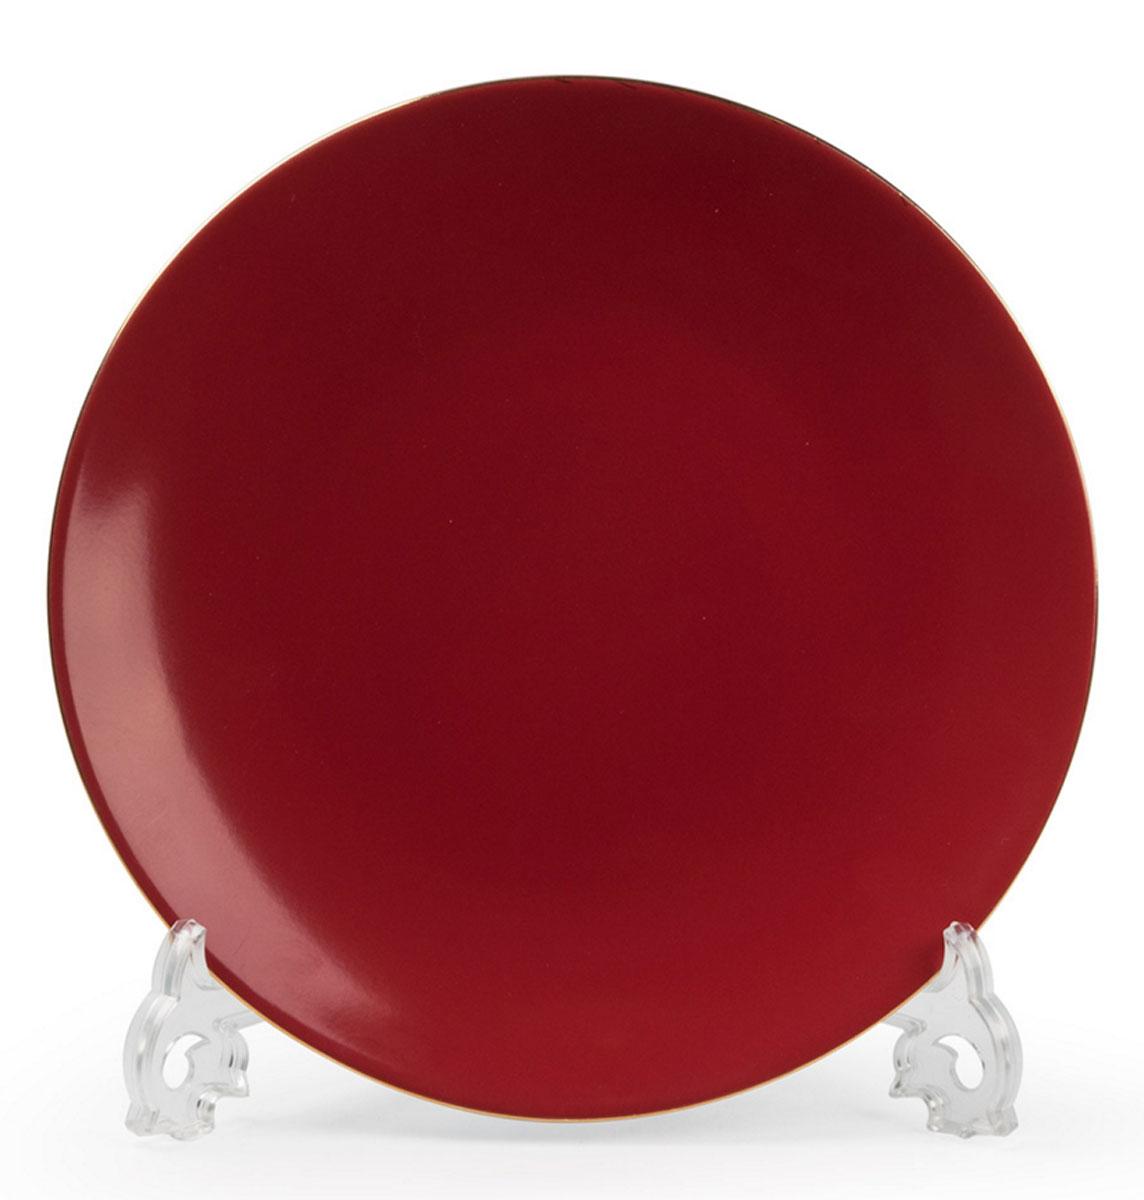 Monalisa 3125 набор тарелок 27 см*6 шт, цвет: красный с золотом115510В наборе тарелка 27 см 6 штук Материал: фарфор: цвет: красный с золотомСерия: MONALISA